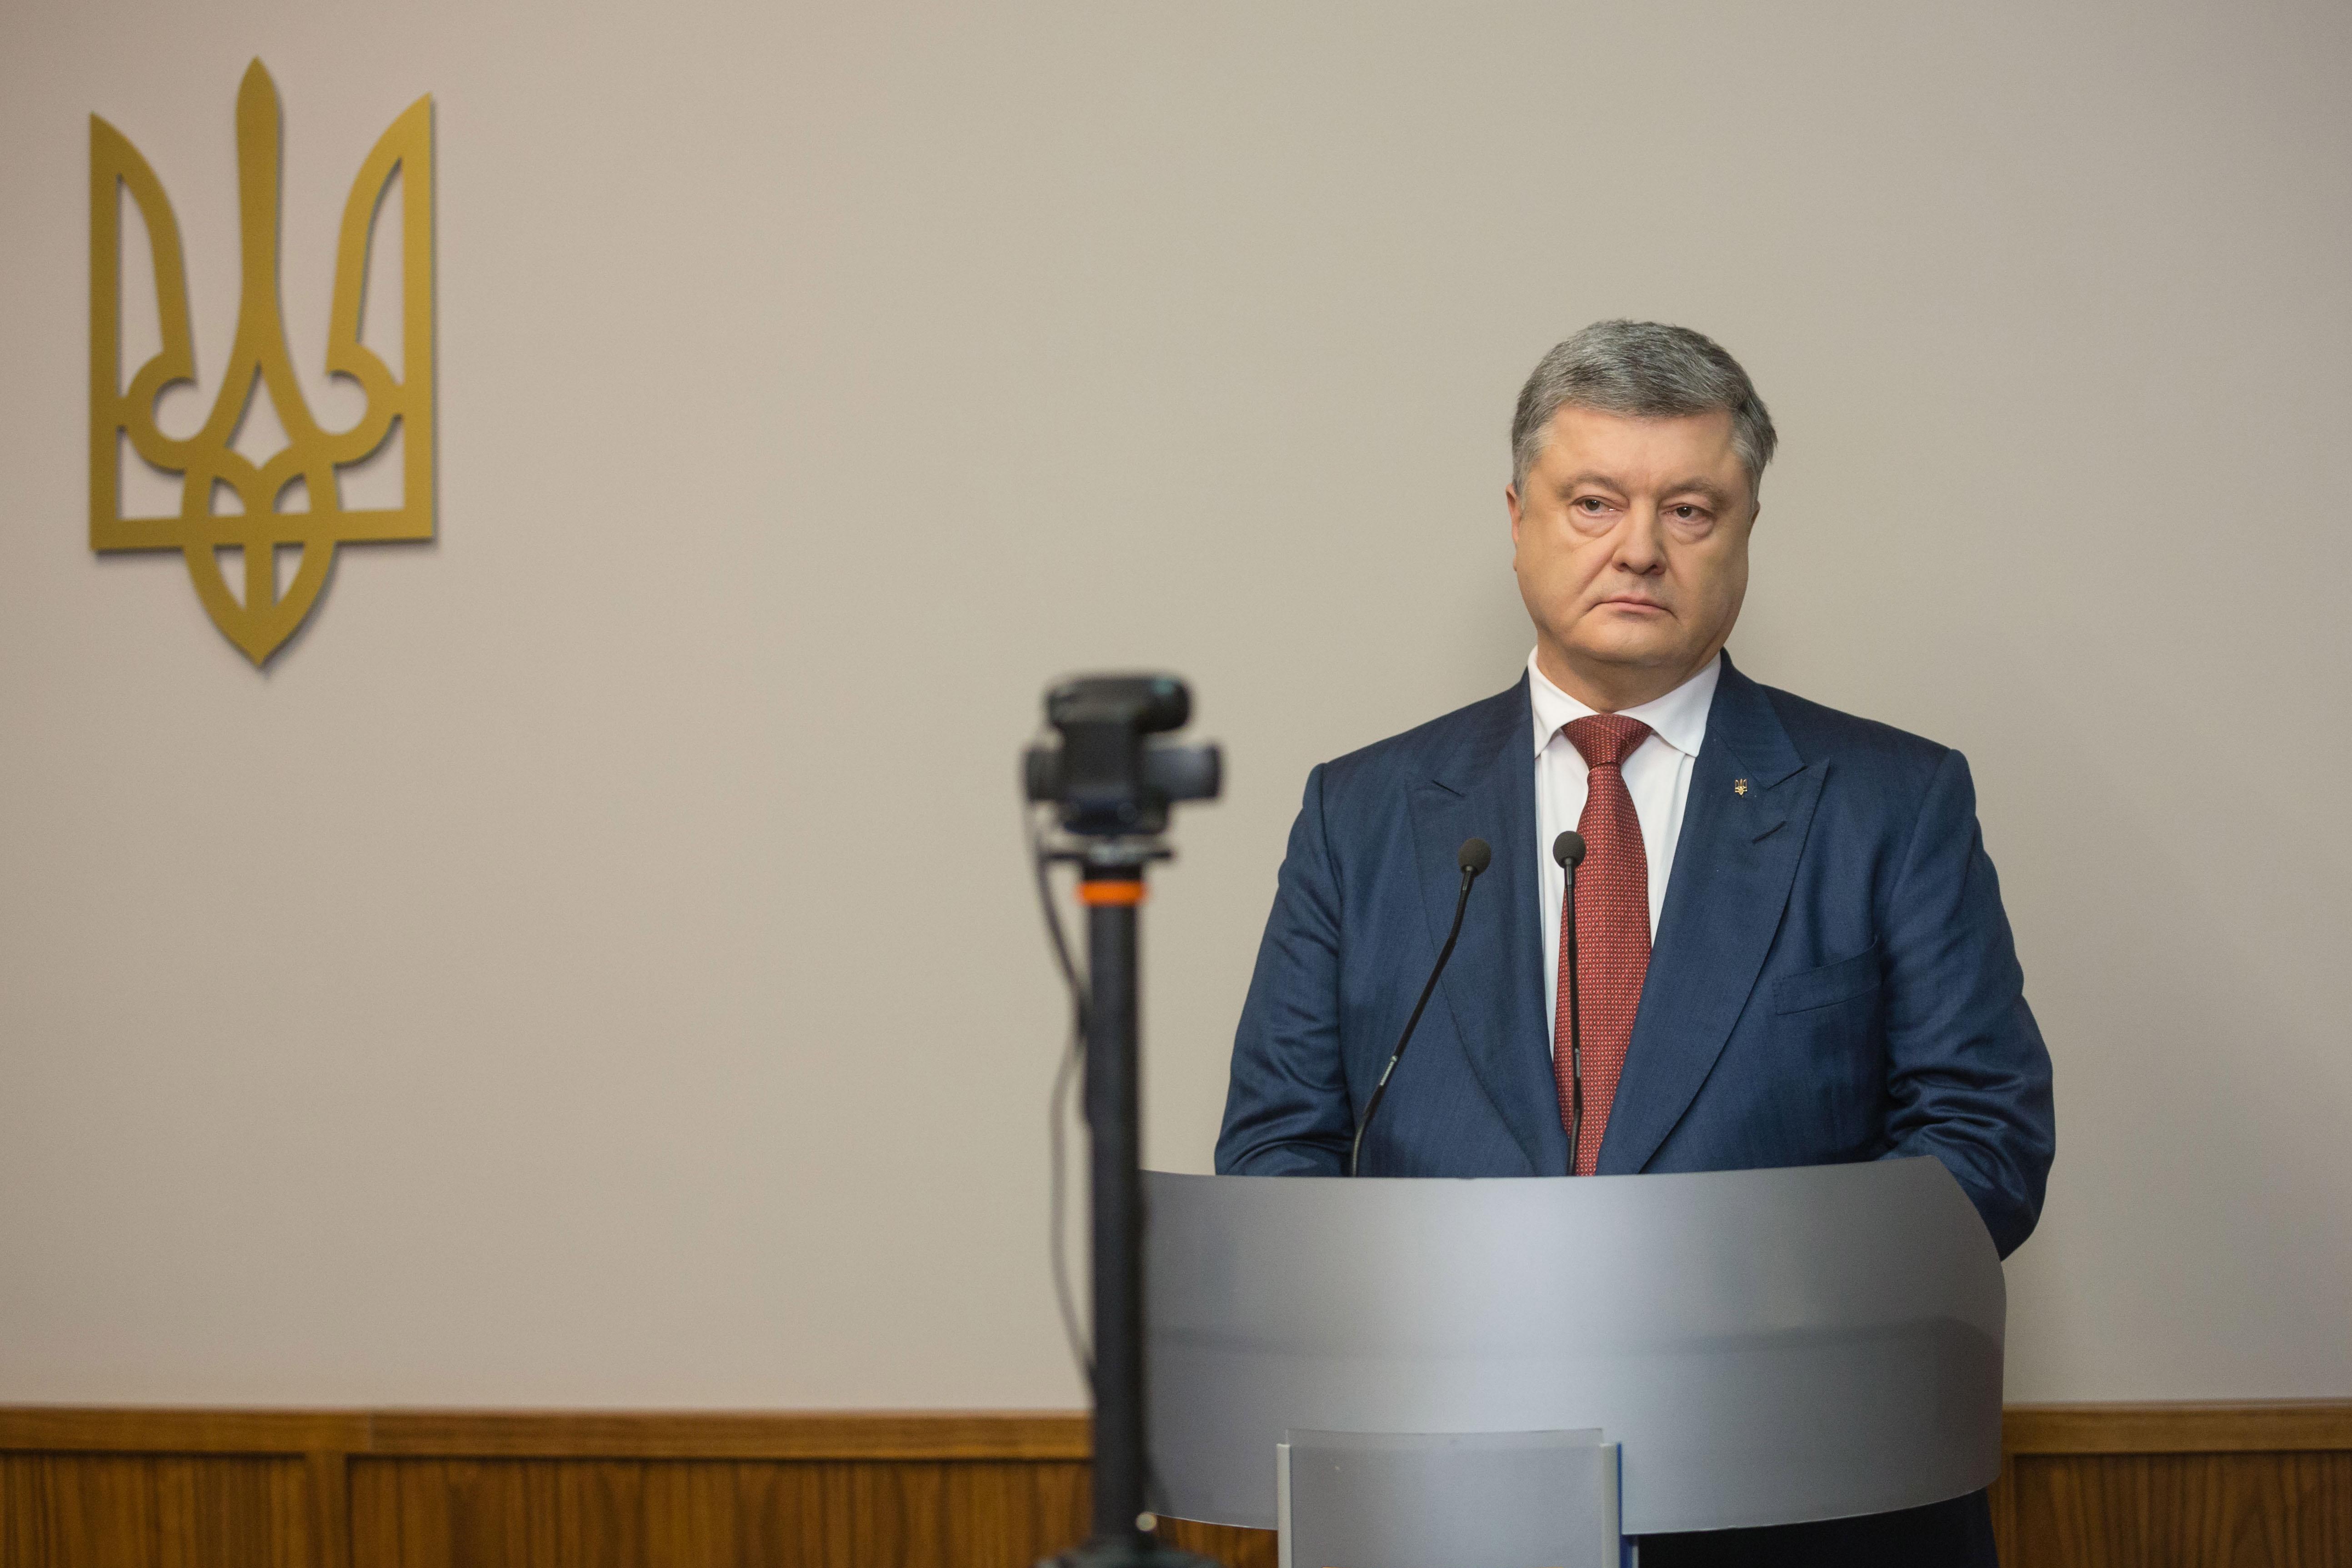 Порошенко уверен, что князь Владимир крестил не Русь, а Украину